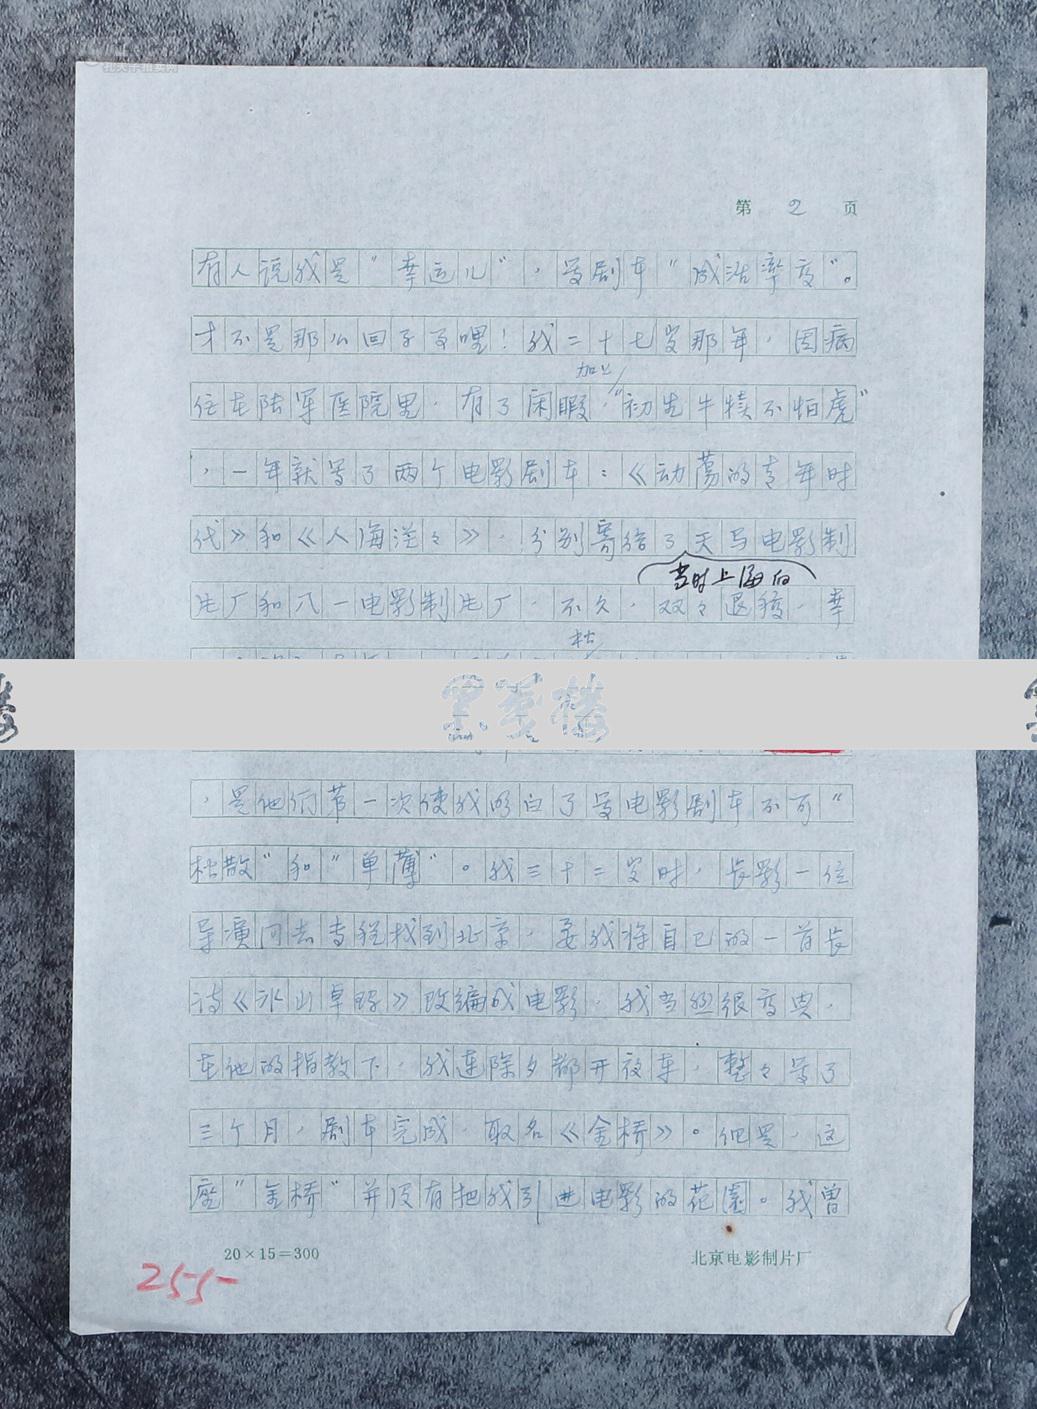 著名手稿电影,小说家赵大年1980年韩剧《我是学编剧pageturner图片